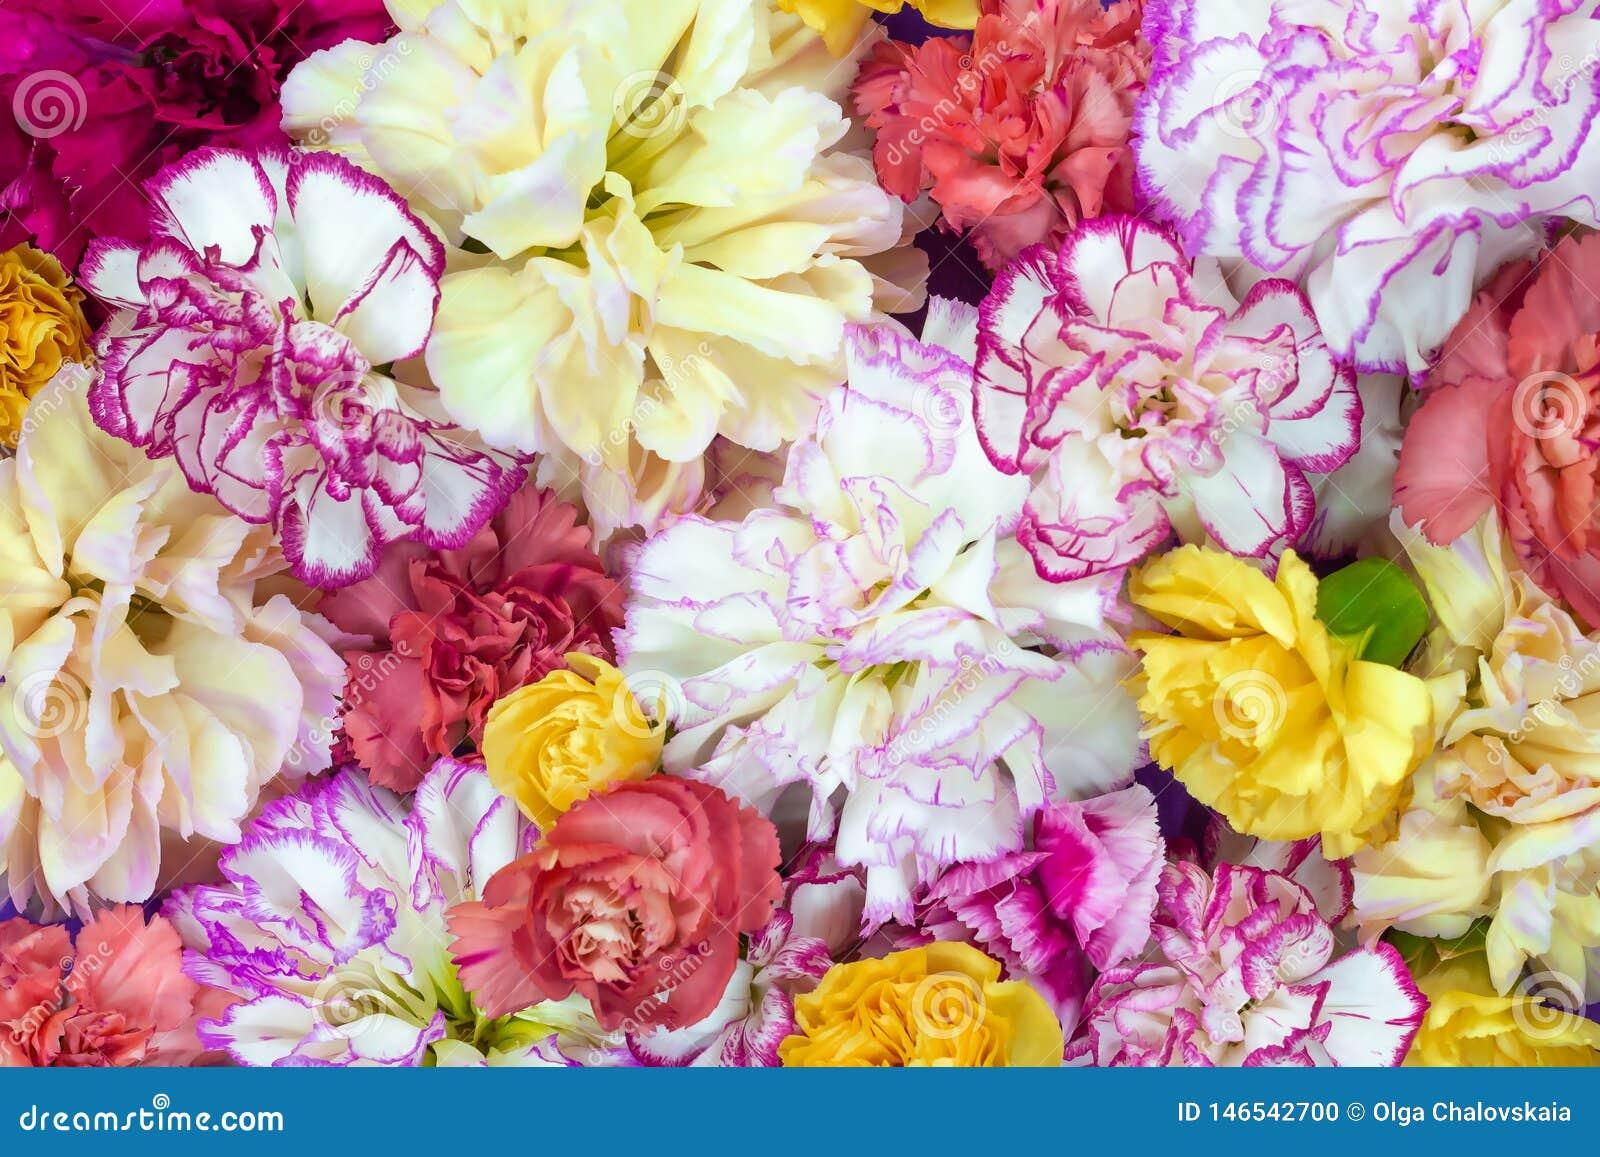 Το ζωηρόχρωμο υπόβαθρο ανθοδεσμών λουλουδιών φιαγμένο από ζωηρόχρωμο γαρίφαλο ανθίζει τον τοίχο για το υπόβαθρο και την ταπετσαρί